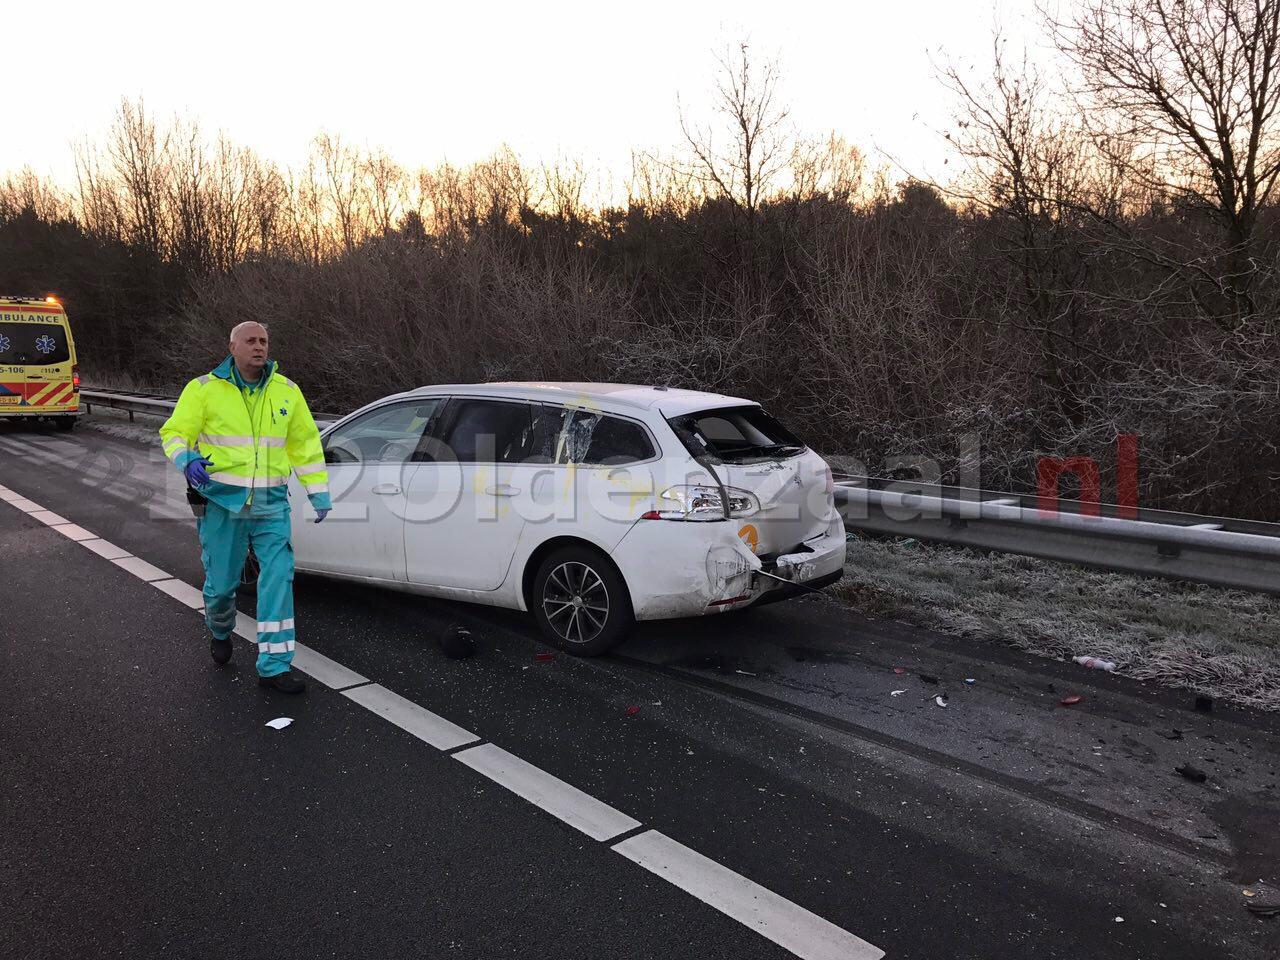 Foto 4: Opnieuw ongeval A1 Oldenzaal, auto op de kant, snelweg dicht